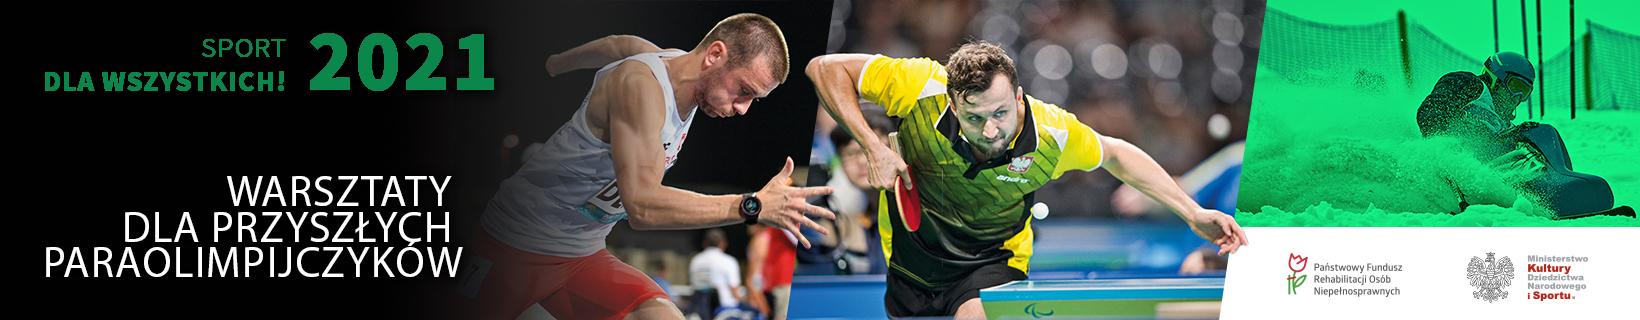 """Link do strony poświęconej projektowi """"Sport dla wszystkich 2021"""" - warsztaty dla przyszłych paraolimpijczyków"""